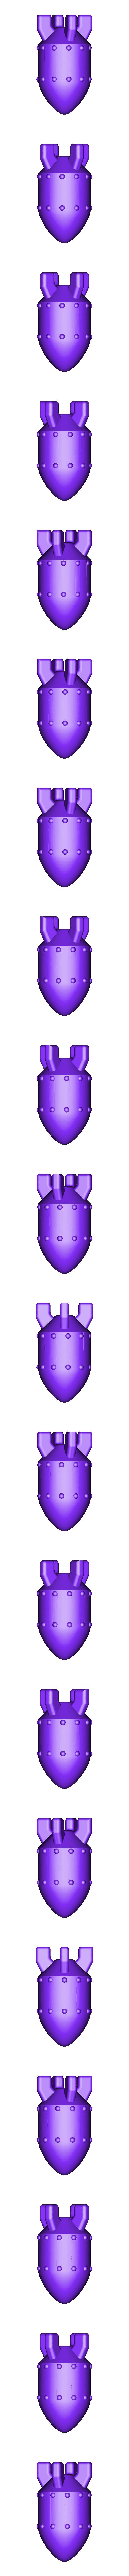 Small_Bomb.stl Télécharger fichier 3MF gratuit LIMACE MÉTALLIQUE - NOP-03 SARUBIE • Plan imprimable en 3D, FreeBug